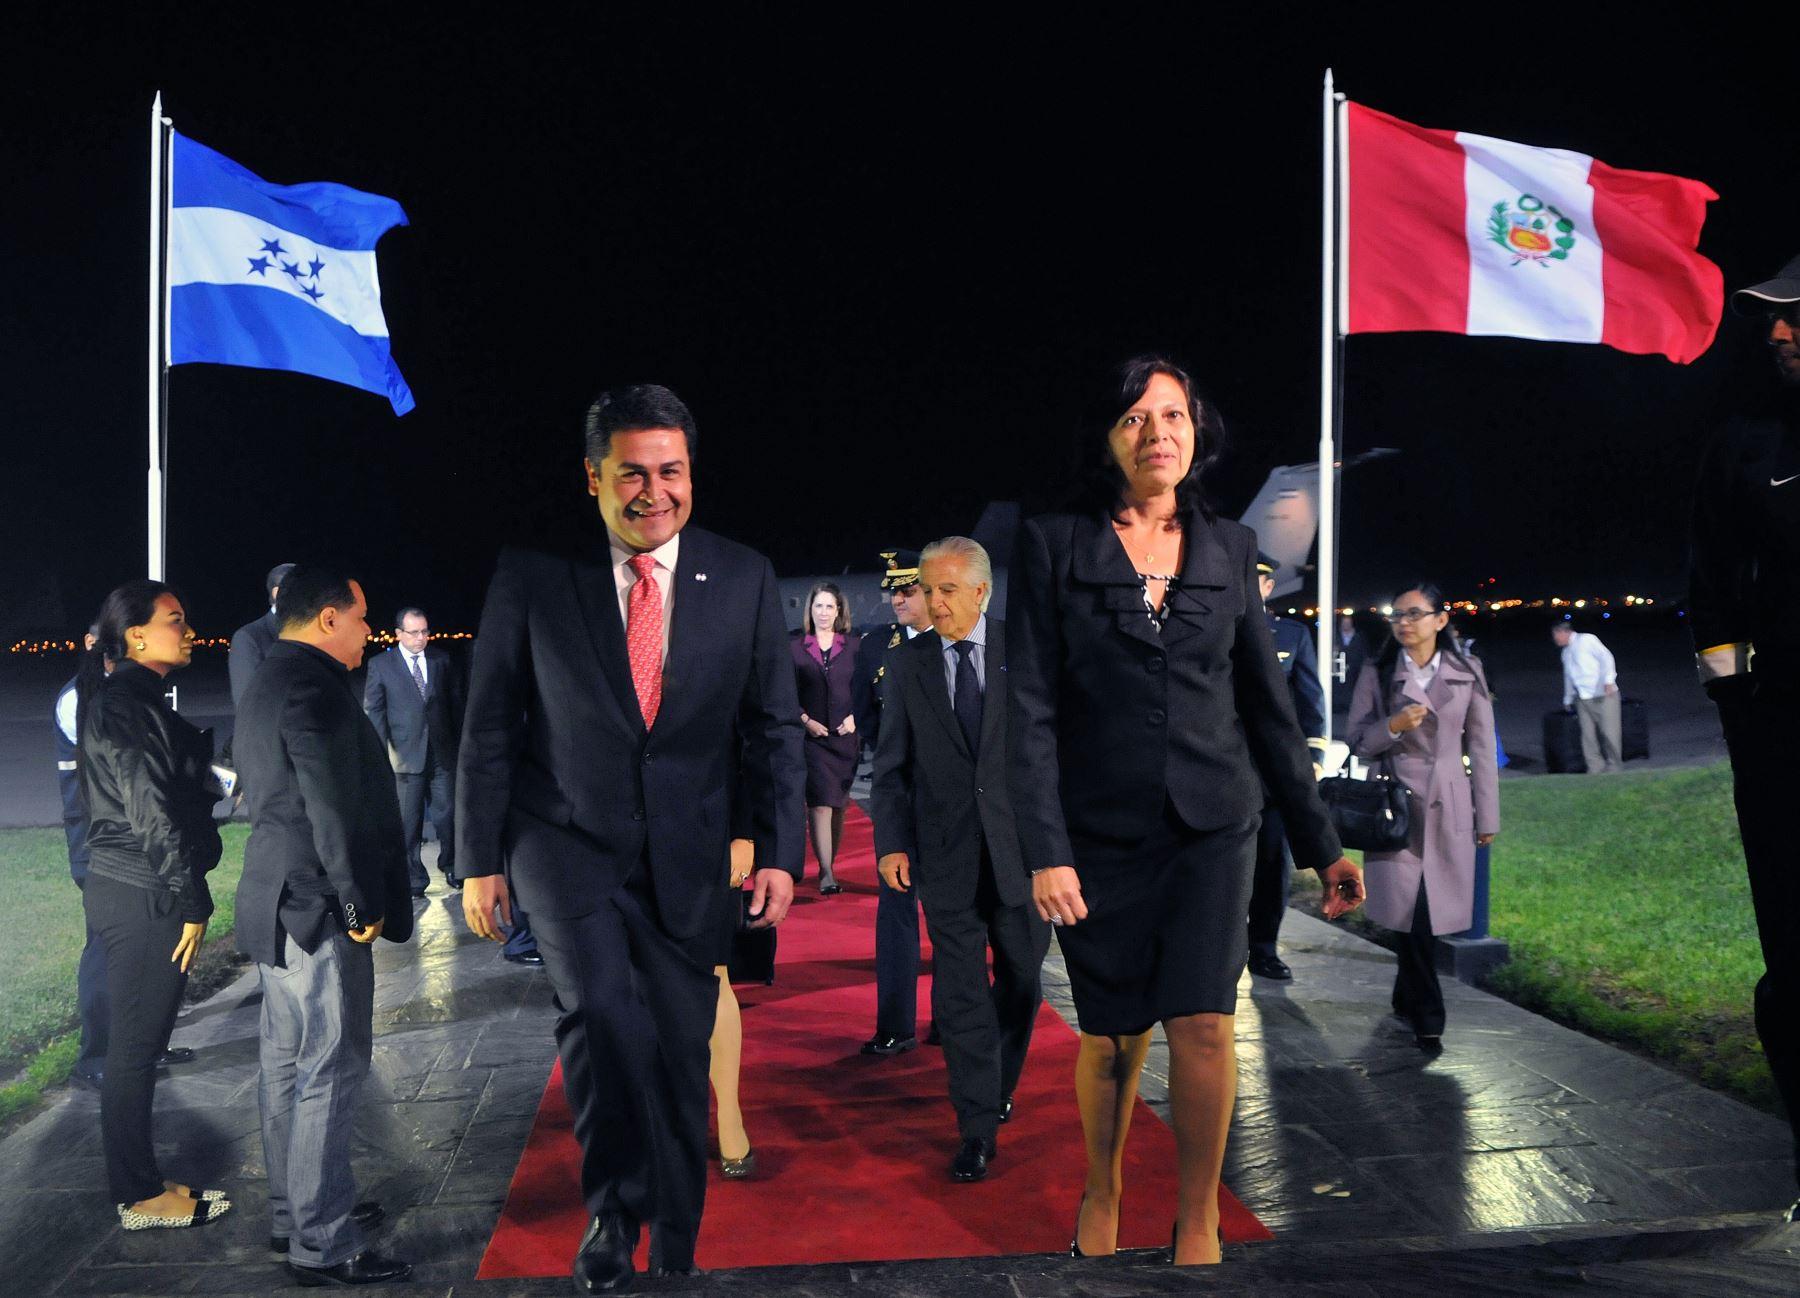 La Ministra De Relaciones Exteriores Embajadora Ana Mar A S Nchez Recibi Esta Noche En El